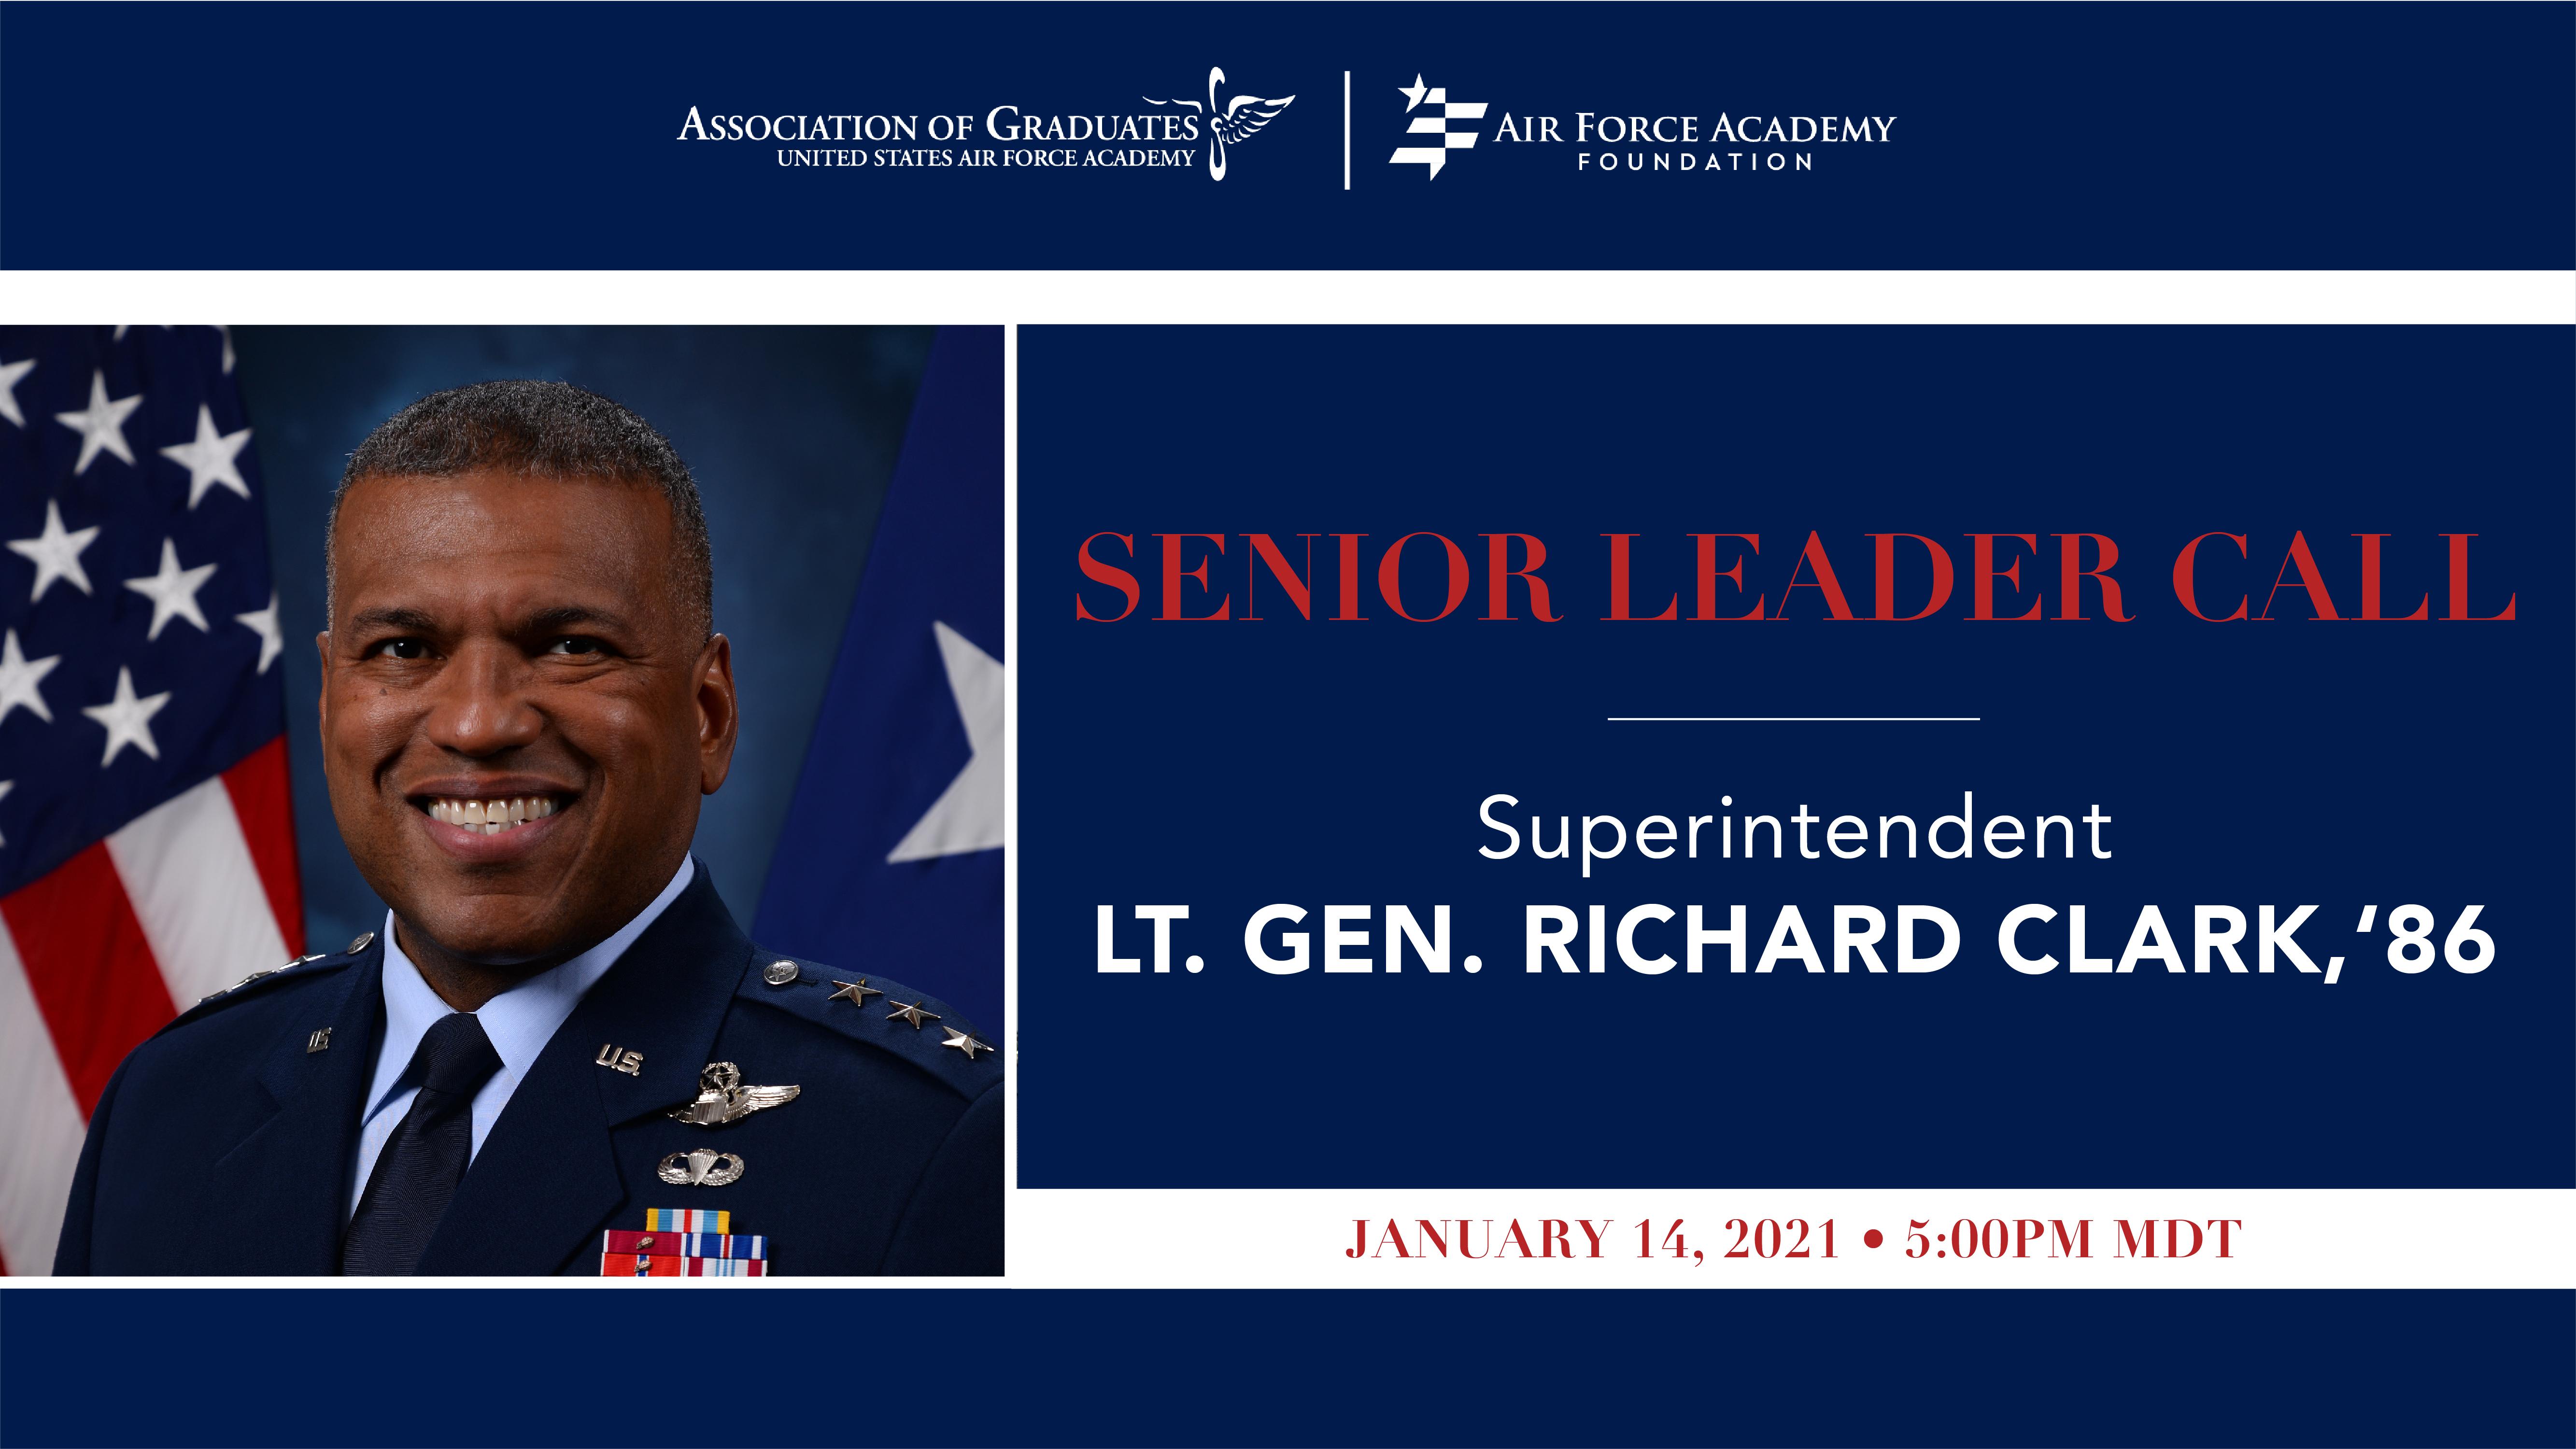 Image for Lt Gen Clark Senior Leader Call webinar